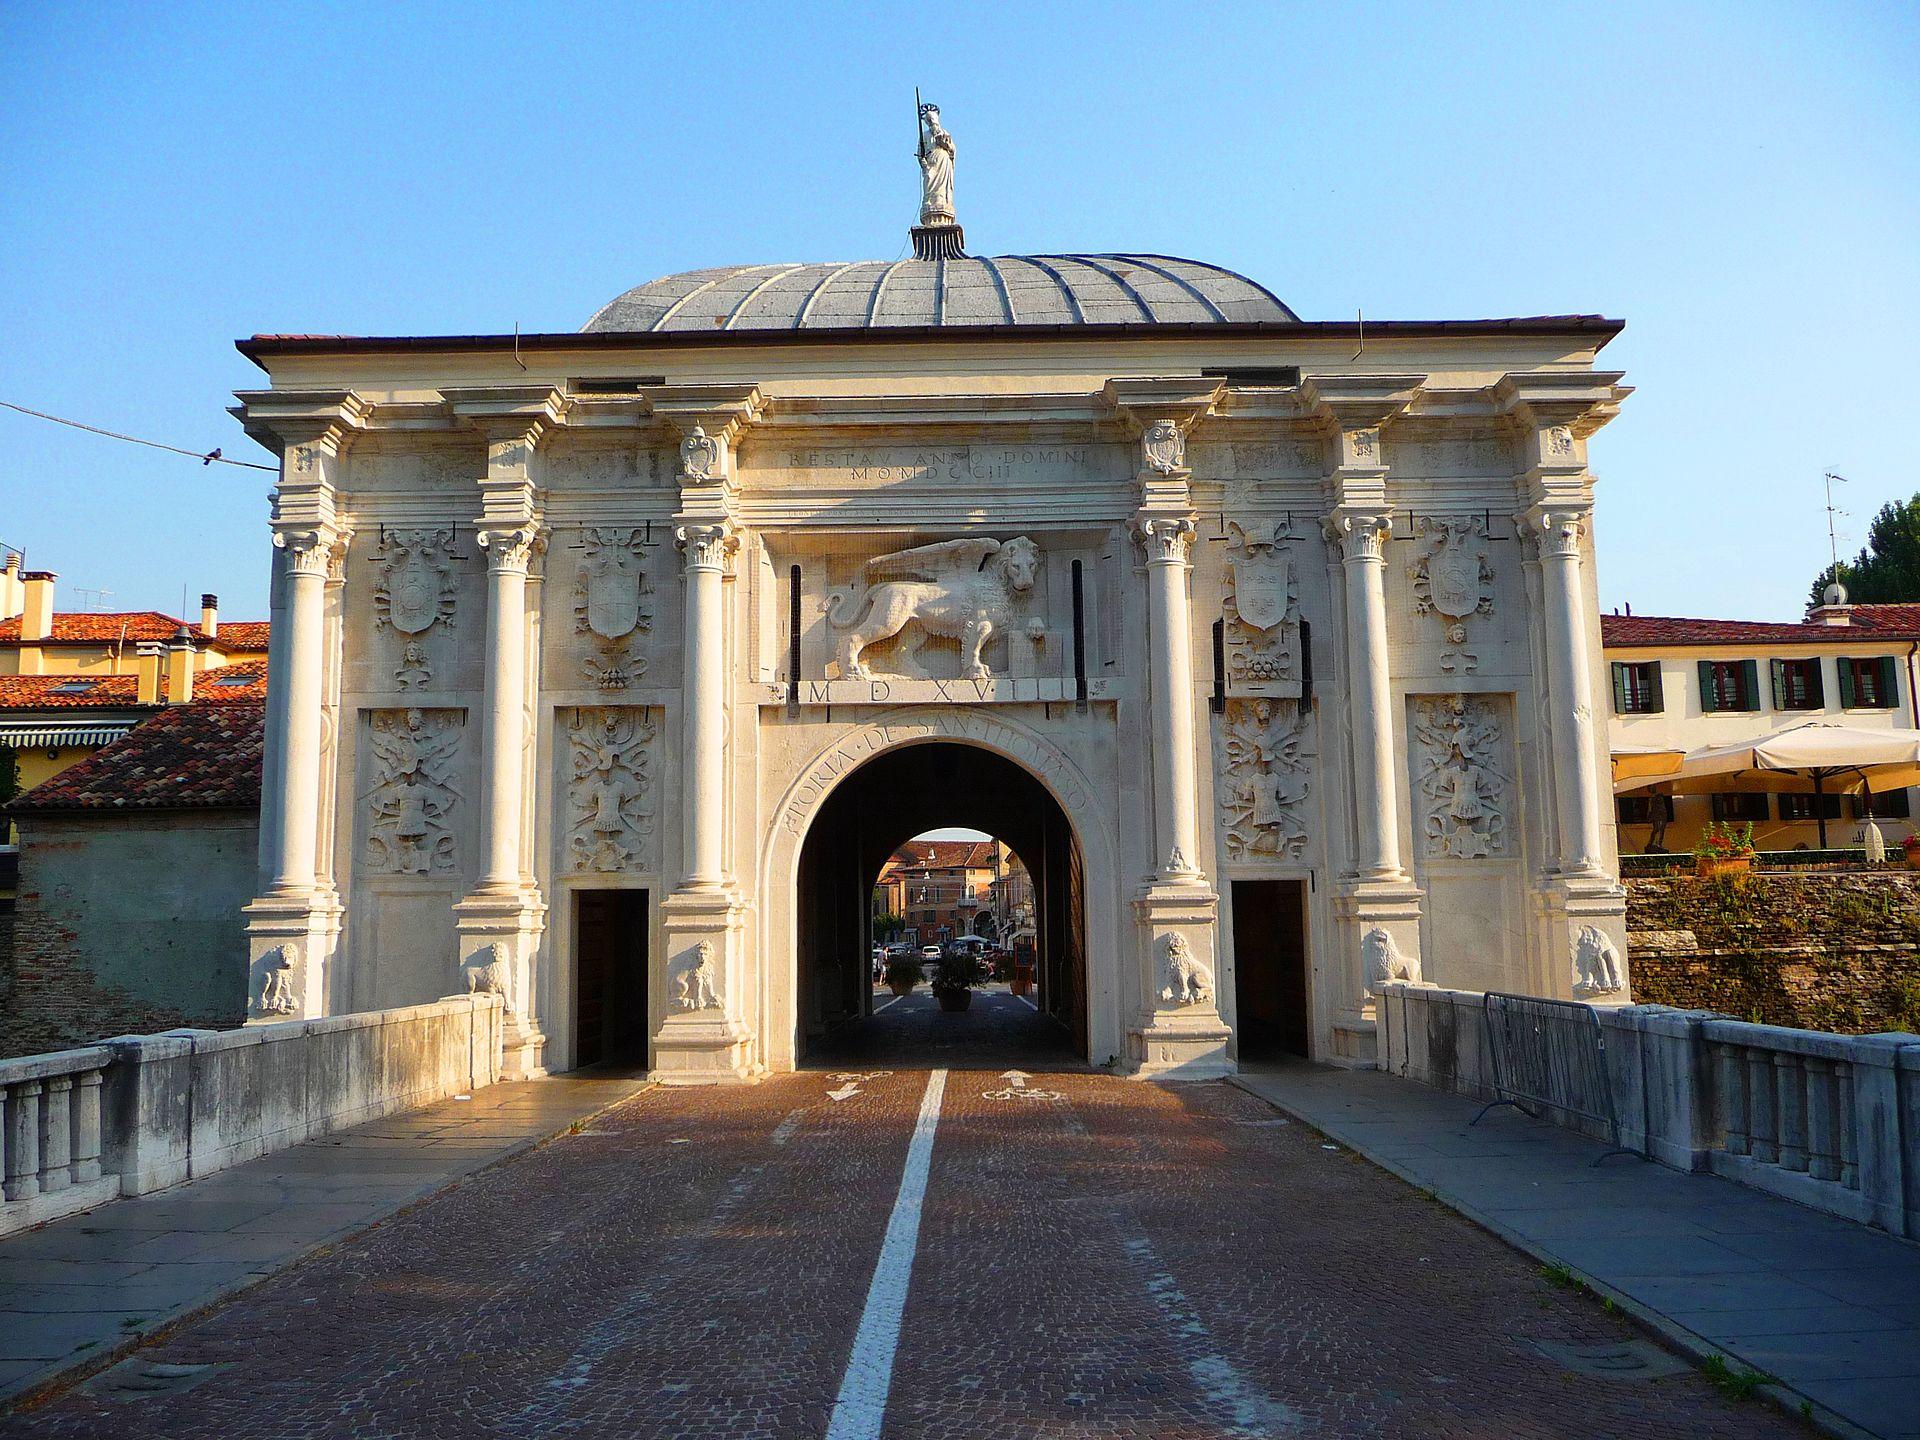 Porta San Tommasi, Tour Treviso Urbs Picta